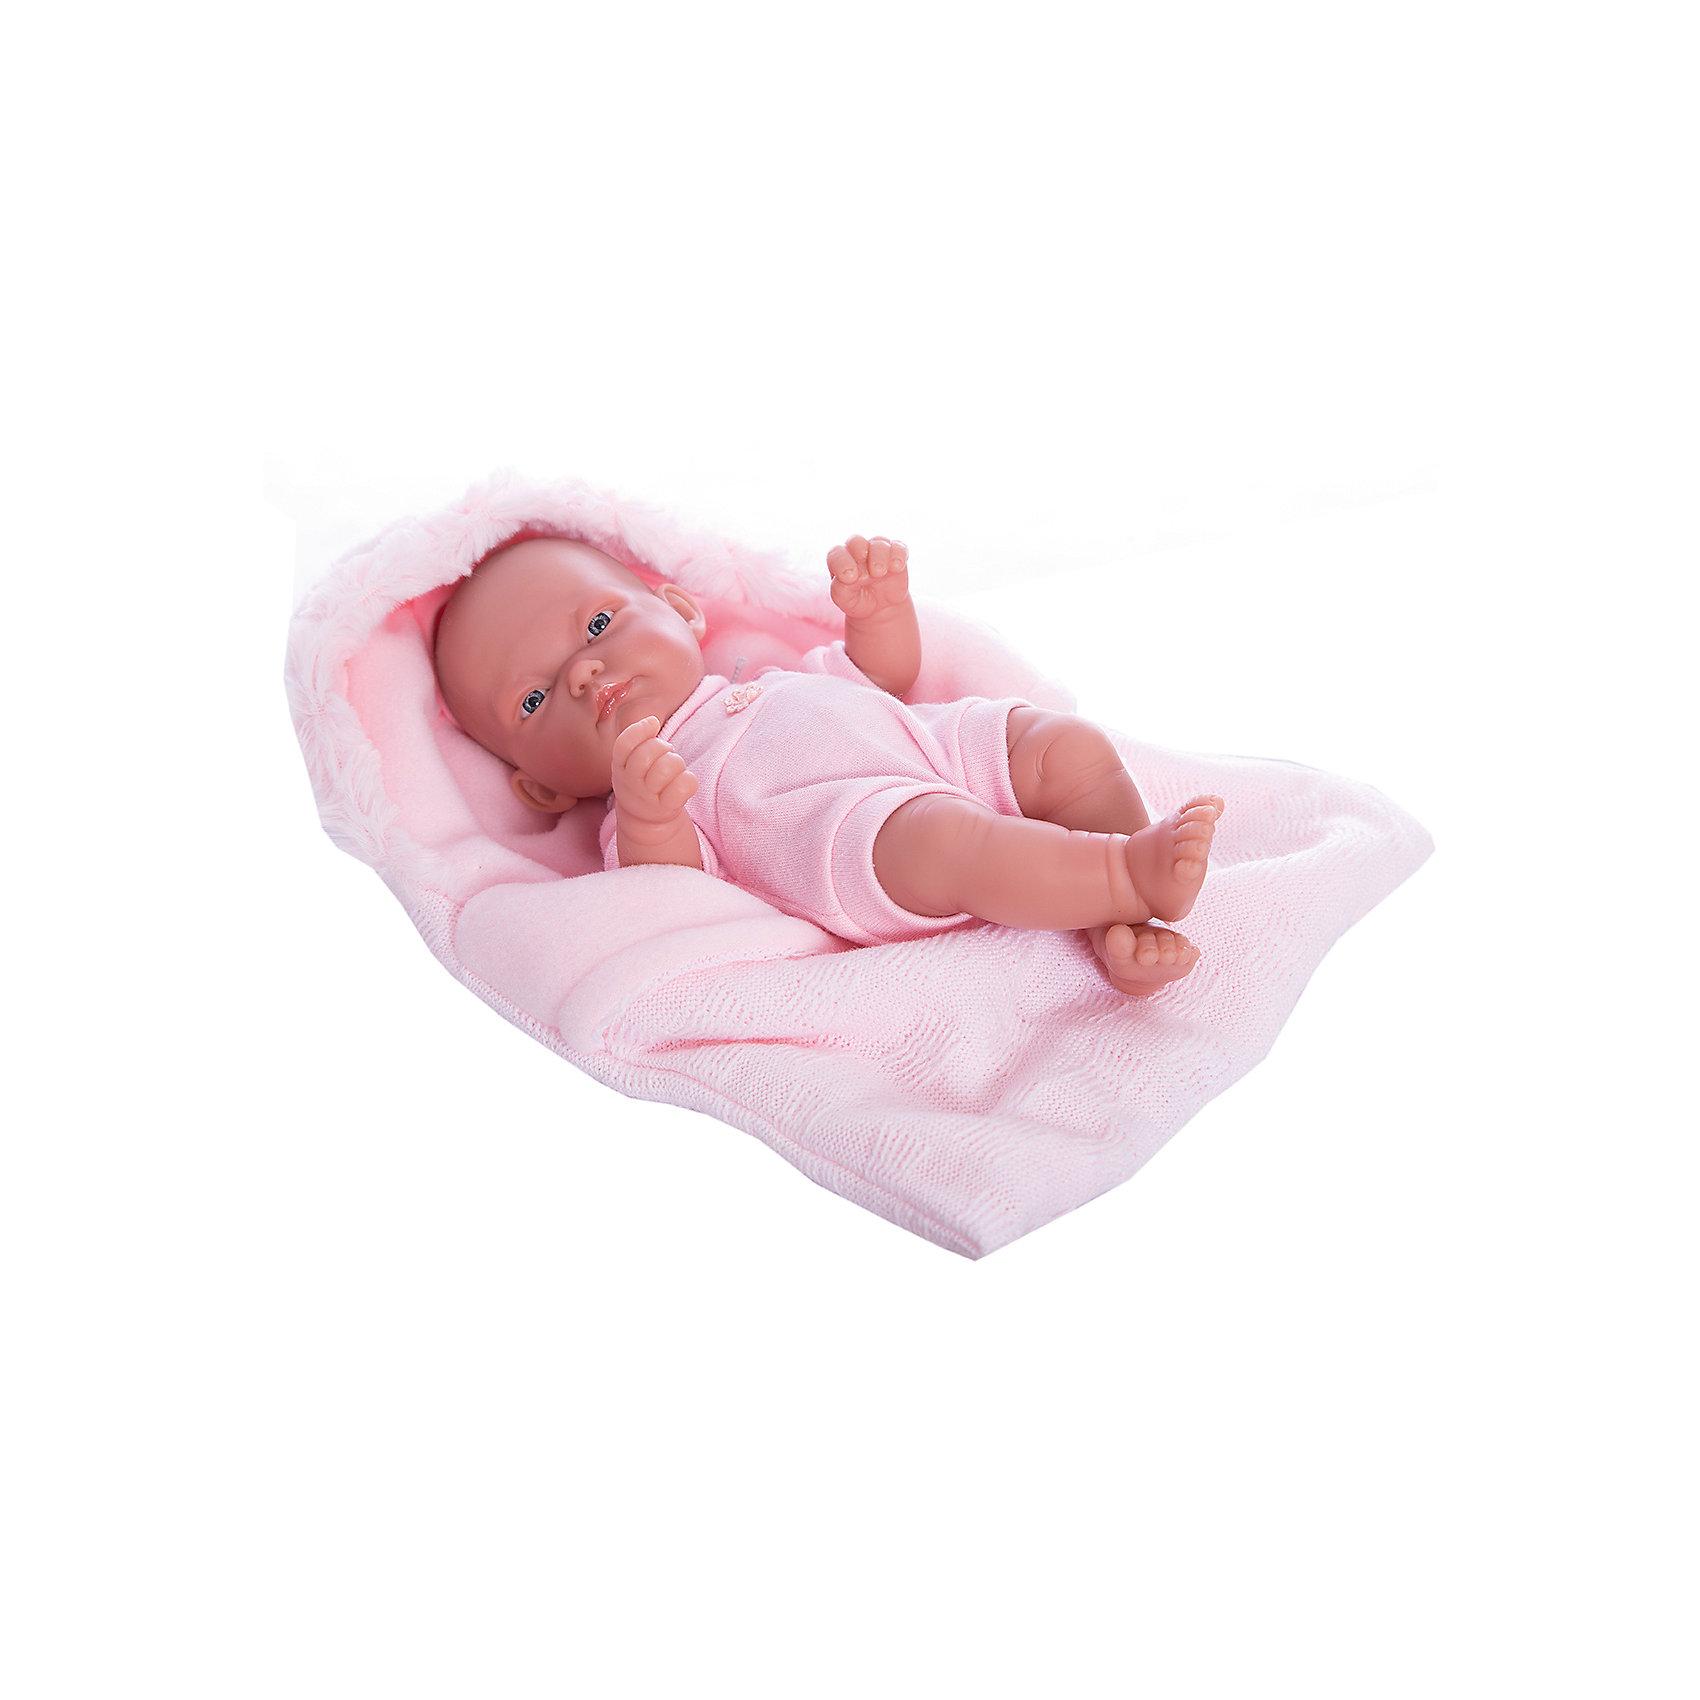 Кукла-младенец Карла в конверте, розовый, 26 см, Munecas Antonio JuanКлассические куклы<br>Кукла-младенец Карла в конверте, розовый, 26 см, Munecas Antonio Juan (Мунекас от Антонио Хуан) ? этот малышка от всемирно известного испанского бренда Мунекас от Антонио Хуан, который знаменит своими реалистичными куклами. Кукла полностью изготовлена из винила высшего качества. Ручки и ножки подвижны, голова поворачивается в стороны, глазки не закрываются. <br>Карла полностью имитирует новорожденного ребенка. Ее серьезный сосредоточенный взгляд, чуть надутые губки и ручки, зажатые в кулачки, не оставят равнодушными ни одну девочку.<br>Кукла-младенец Карла в конверте, розовый, 26 см, Munecas Antonio Juan (Мунекас от Антонио Хуан) разработана с учетом анатомических особенностей и мимики младенцев. Играя с куклой, ваш ребенок реалистично проживает роль «мамы», учится ухаживать за малышом, заботиться о нем.<br>В комплекте с Карлой имеется приданное для новорожденного: мягкая пеленочка и теплый розовый конверт для прогулок. Особое удовольствие вашей дочери доставит купание Карлы в воде.<br>Куклы JUAN ANTONIO munecas (Мунекас от Антонио Хуан) ? мечта девочки любого возраста!<br><br>Дополнительная информация:<br><br>- Вид игр: сюжетно-ролевые игры <br>- Материал: винил<br>- Комплектация: пеленка, конверт, чепчик <br>- Высота куклы: 26 см<br>- Вес: 2 кг 680 г<br>- Особенности ухода: одежда ? ручная стирка, куклу можно купать <br><br>Подробнее:<br><br>• Для детей в возрасте: от 3 лет и до 6 лет<br>• Страна производитель: Испания<br>• Торговый бренд: JUAN ANTONIO munecas <br><br>Кукла-младенец Карла в конверте, розовый, 26 см, Munecas Antonio Juan (Мунекас от Антонио Хуан) можно купить в нашем интернет-магазине.<br><br>Ширина мм: 350<br>Глубина мм: 200<br>Высота мм: 125<br>Вес г: 2680<br>Возраст от месяцев: 36<br>Возраст до месяцев: 72<br>Пол: Женский<br>Возраст: Детский<br>SKU: 4792889